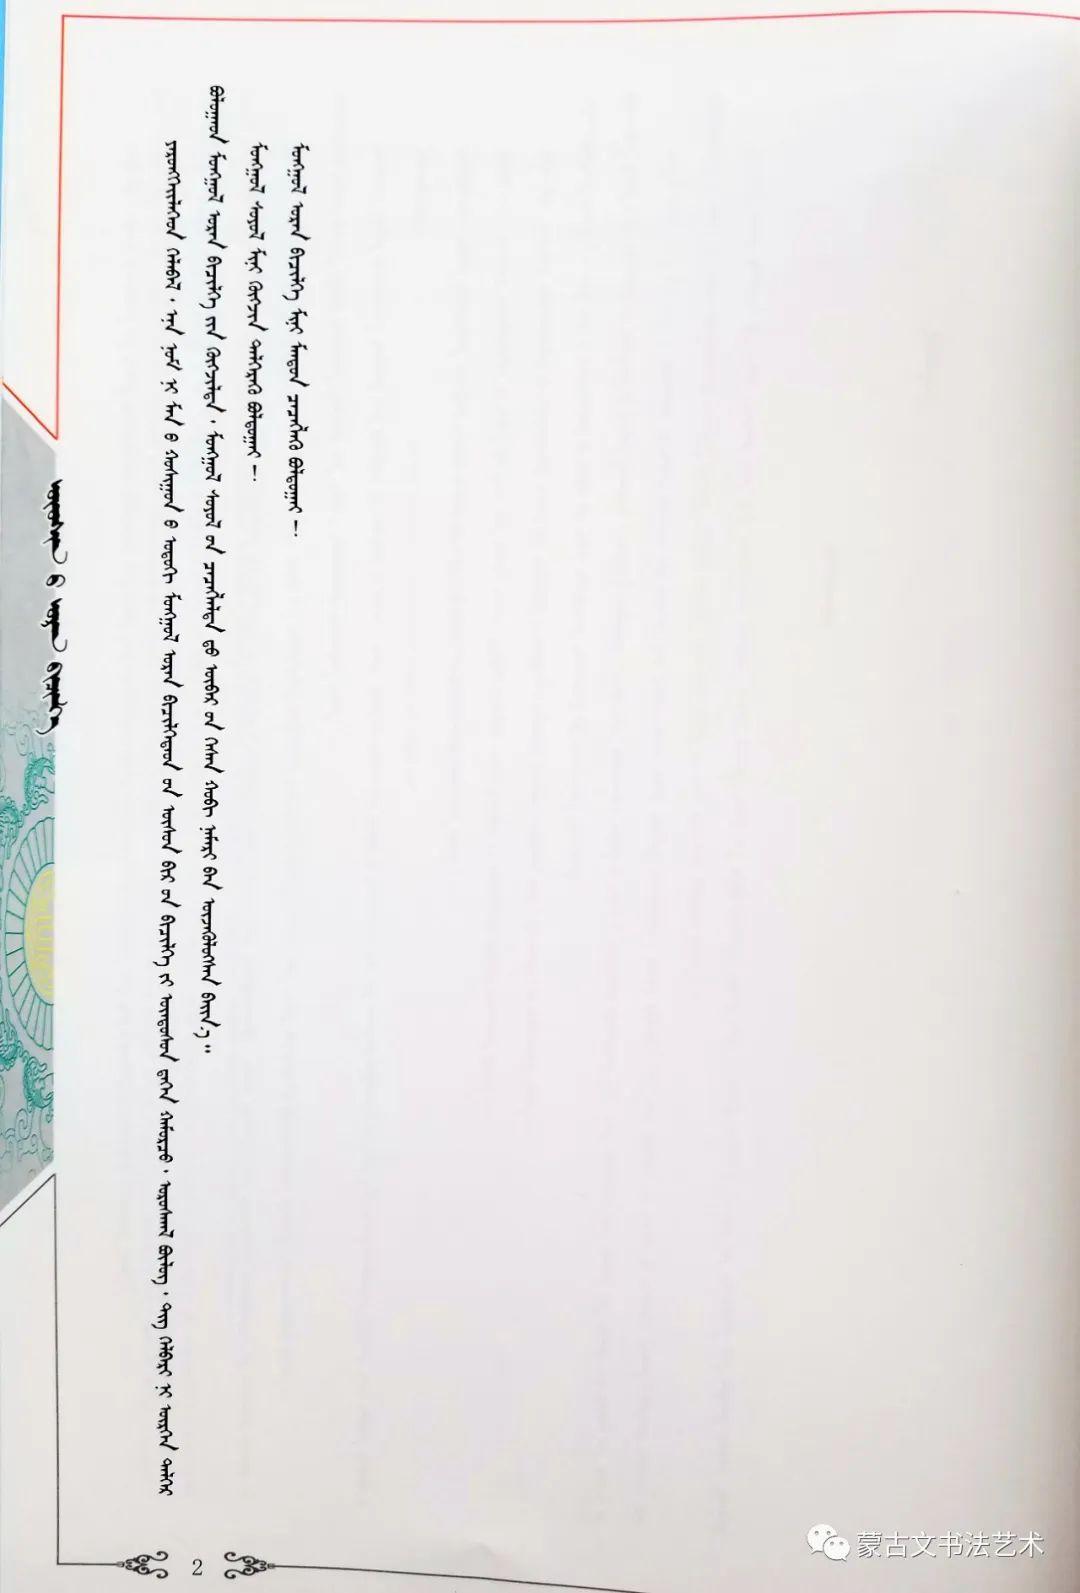 阿拉腾毕力格《乌审旗书法与篆刻精选》 第6张